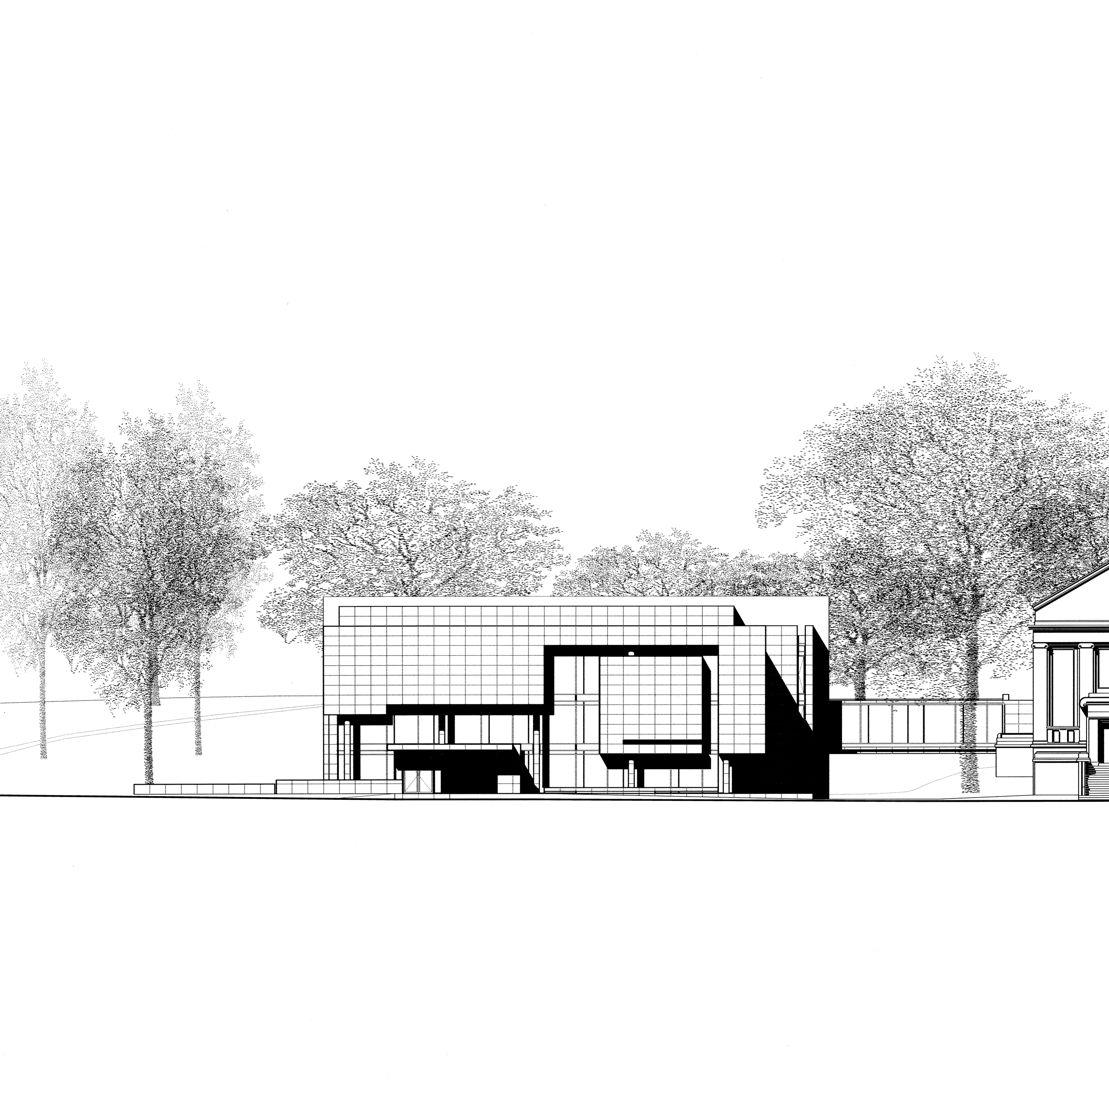 Architektur museum frieder burda - Ansicht architektur ...